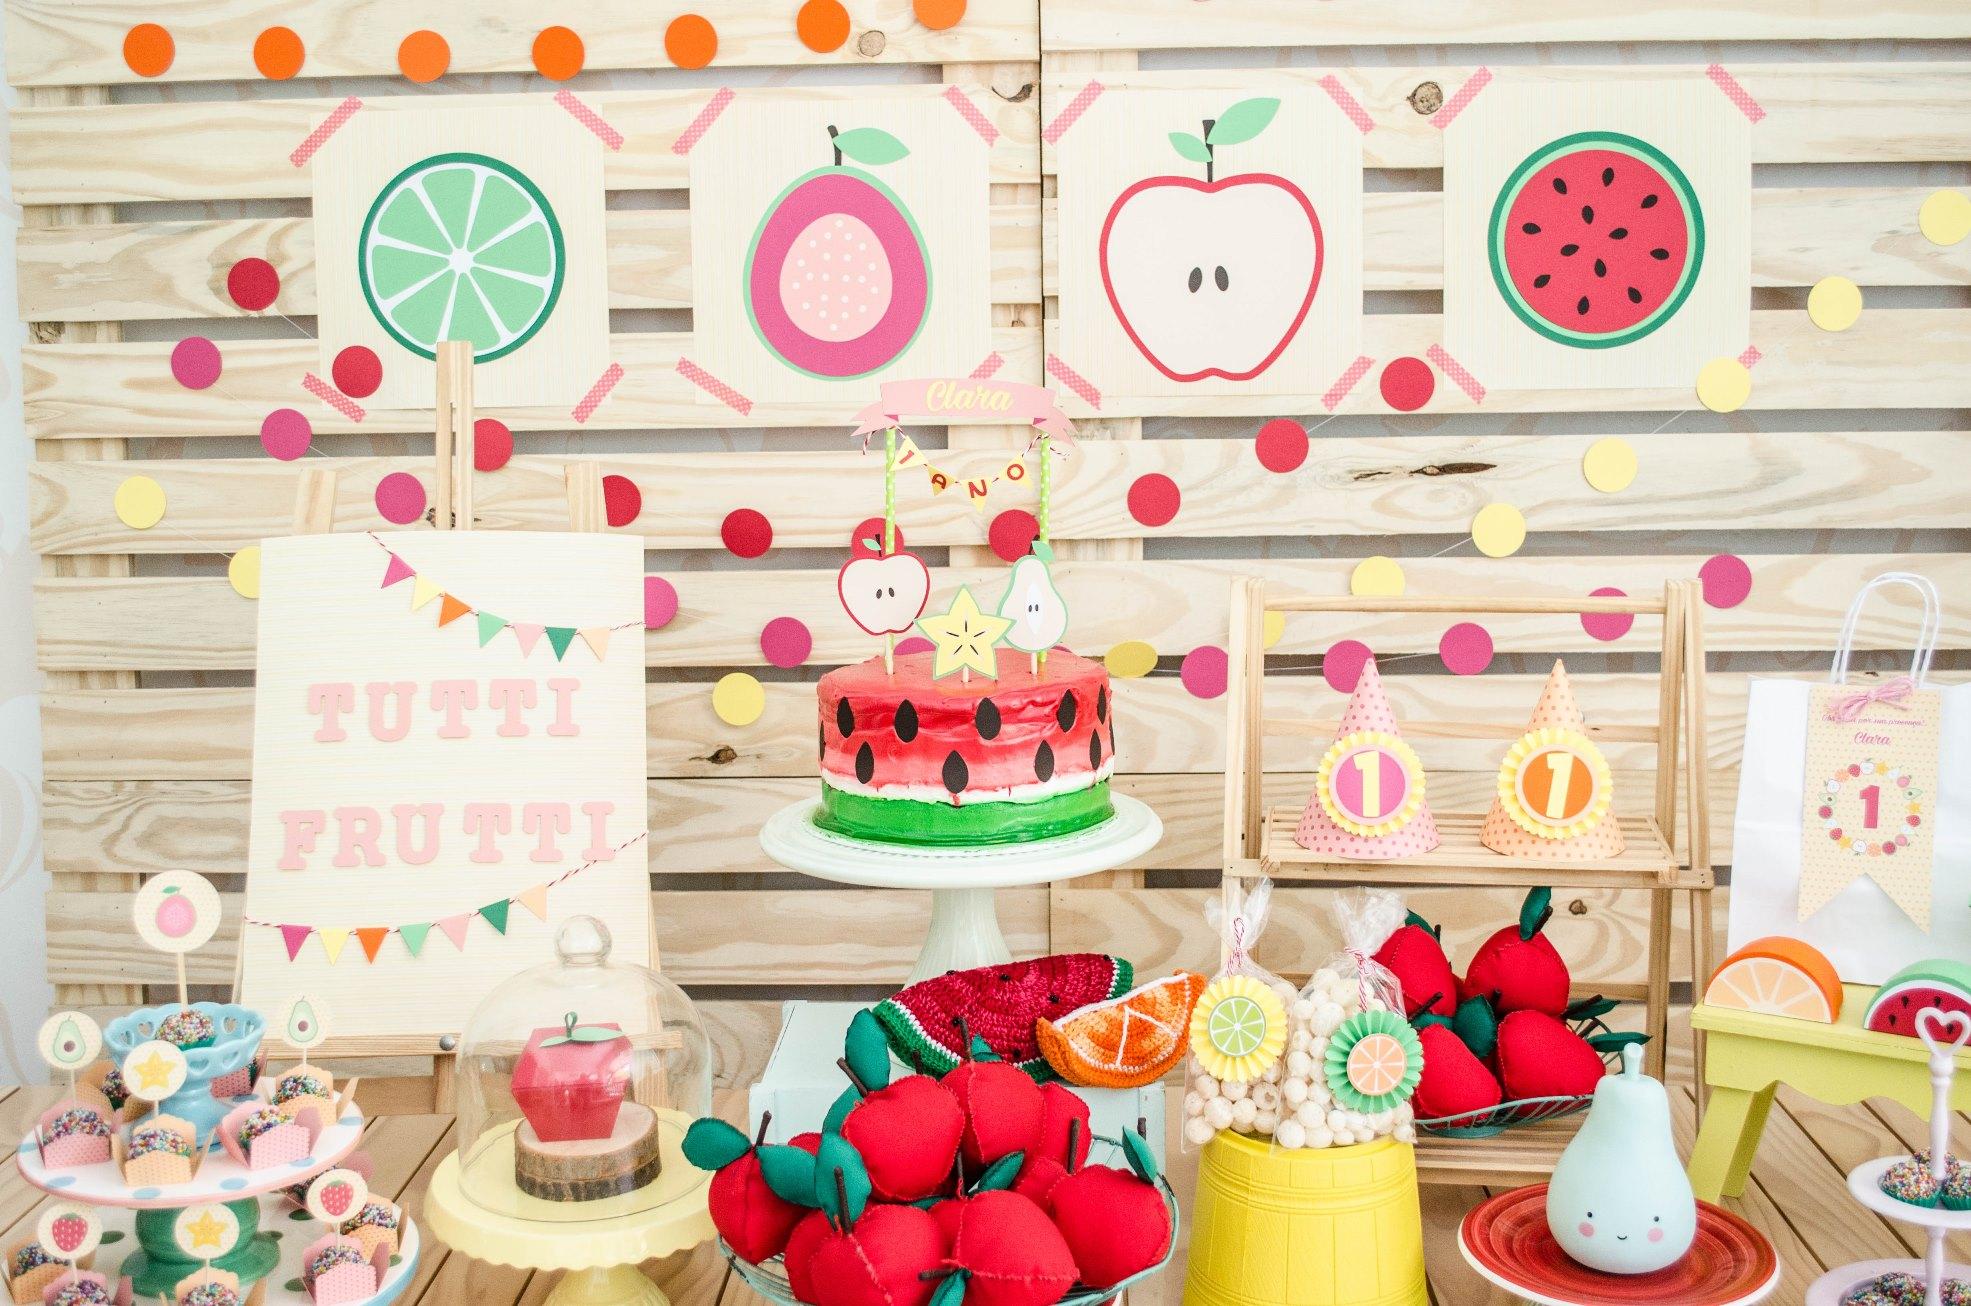 decoracao de festa infantil: com tema de frutas